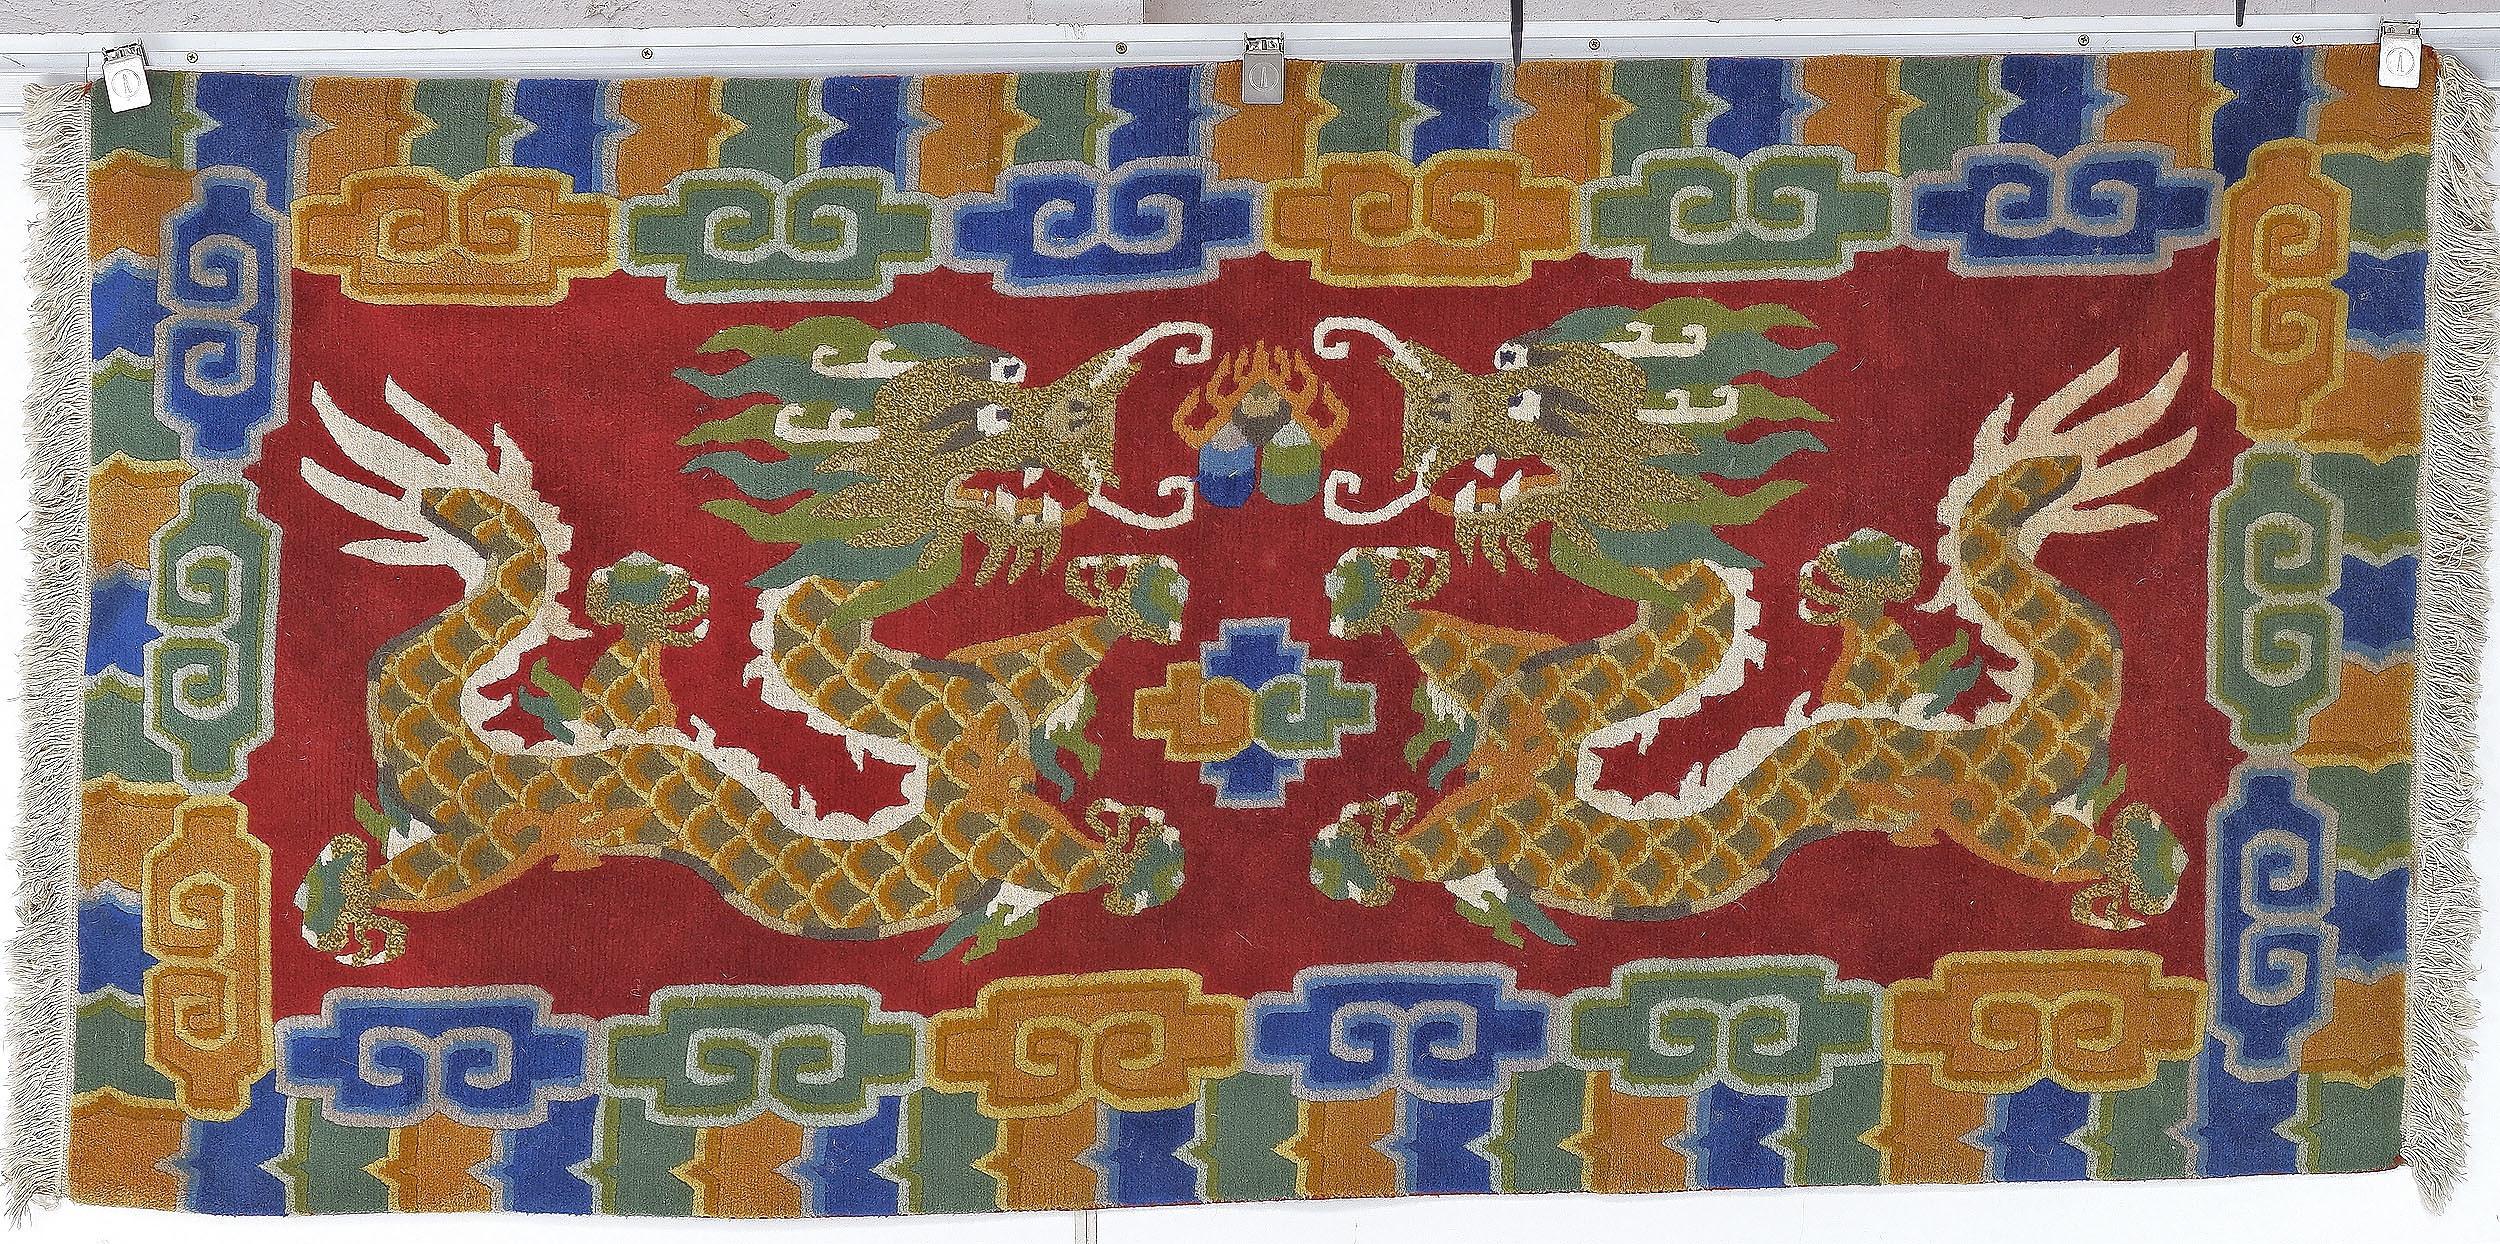 'Sino-Tibetan Hand Knotted Wool Pile Dragon Rug'